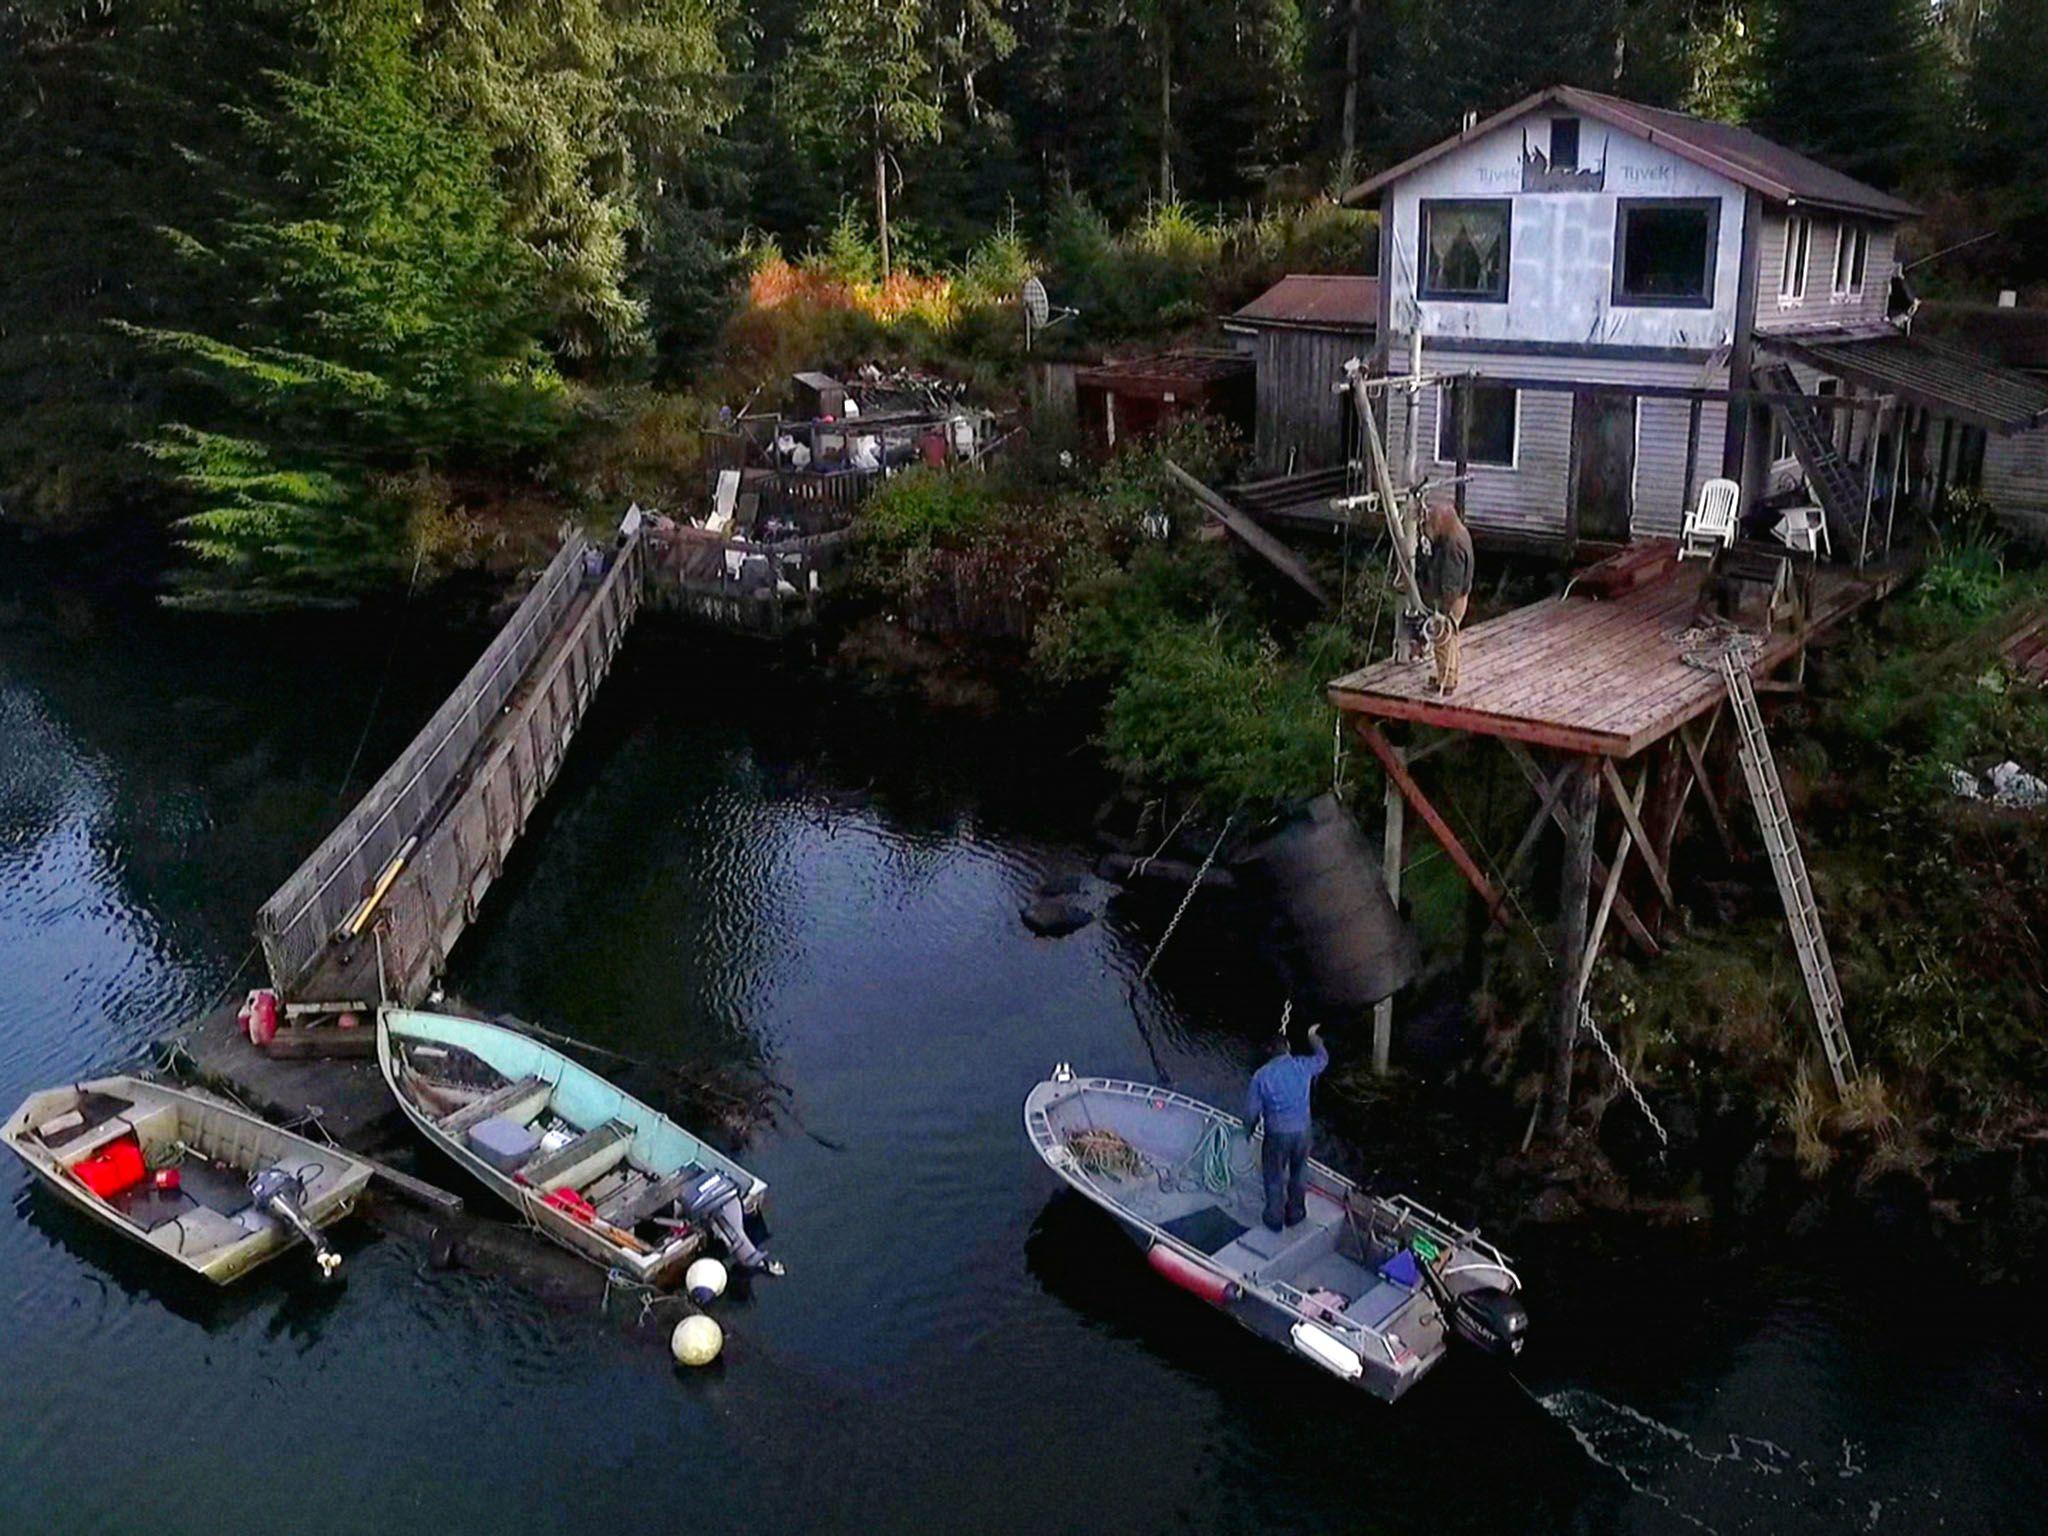 Port Protection, Alaska: Sam e il suo vicino riempiono un barile di acqua sulla barca di Sam. [Foto del giorno - giugno 2016]